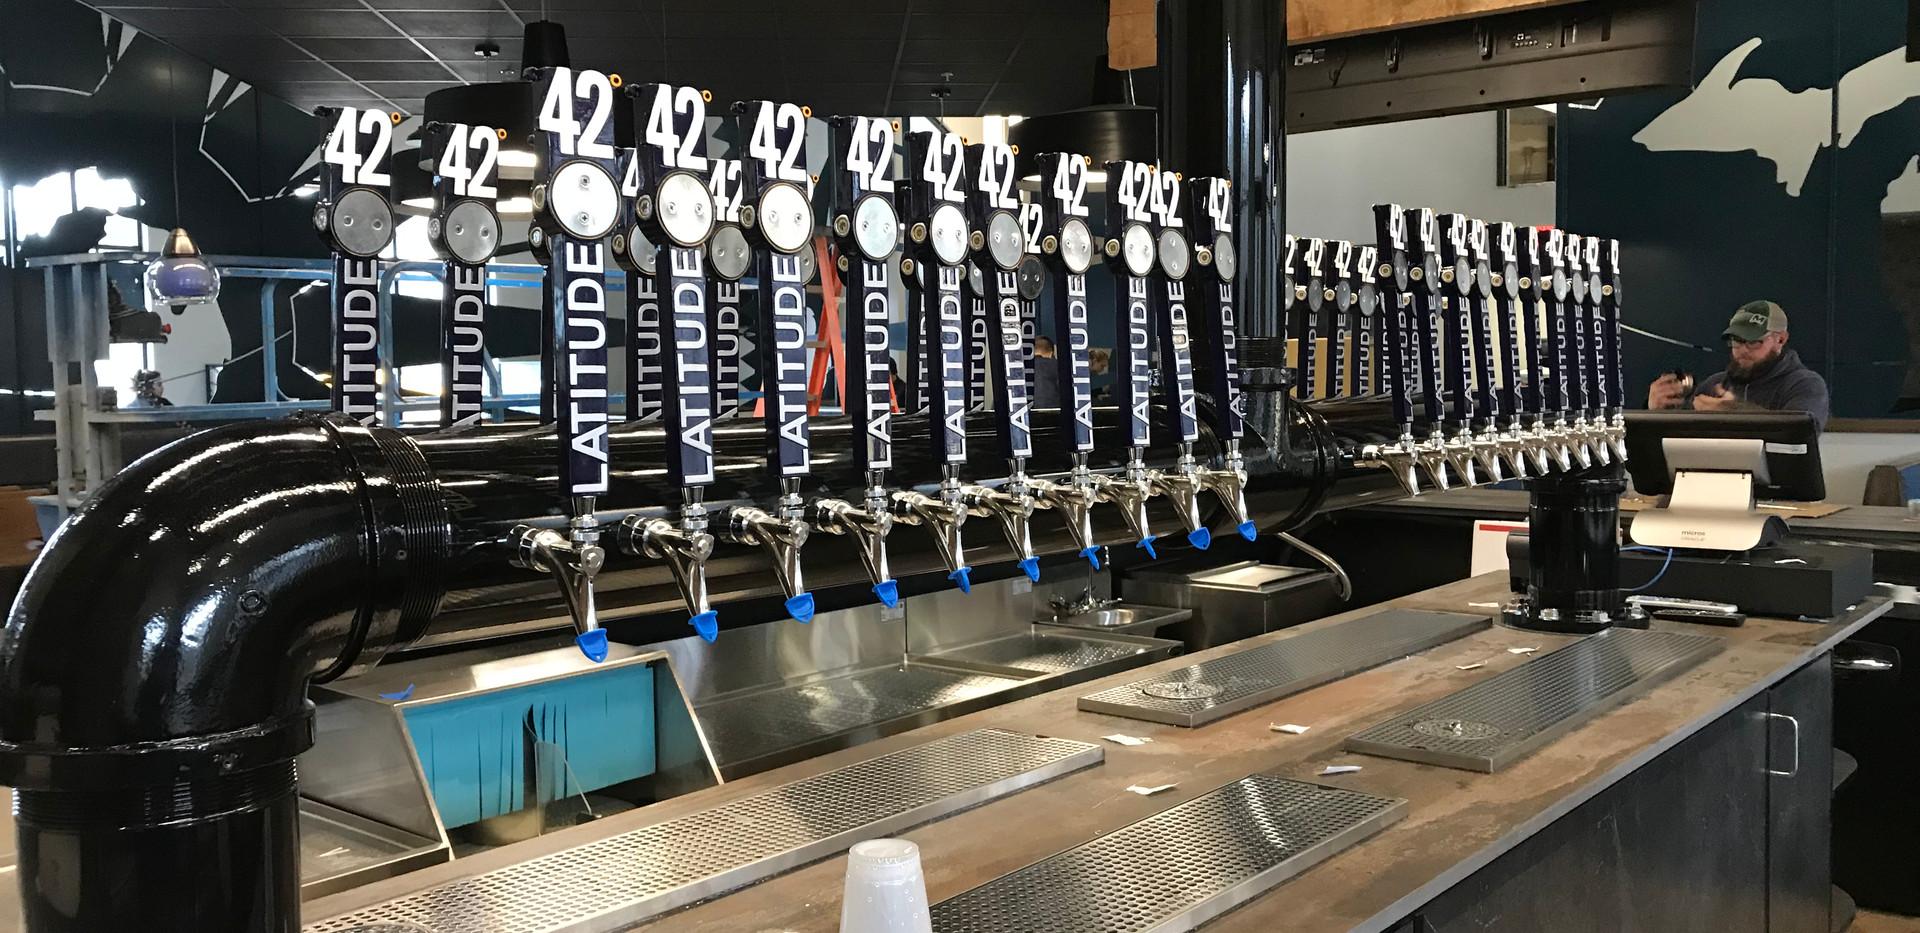 Latitude 42 Beer Tower 850#.jpg